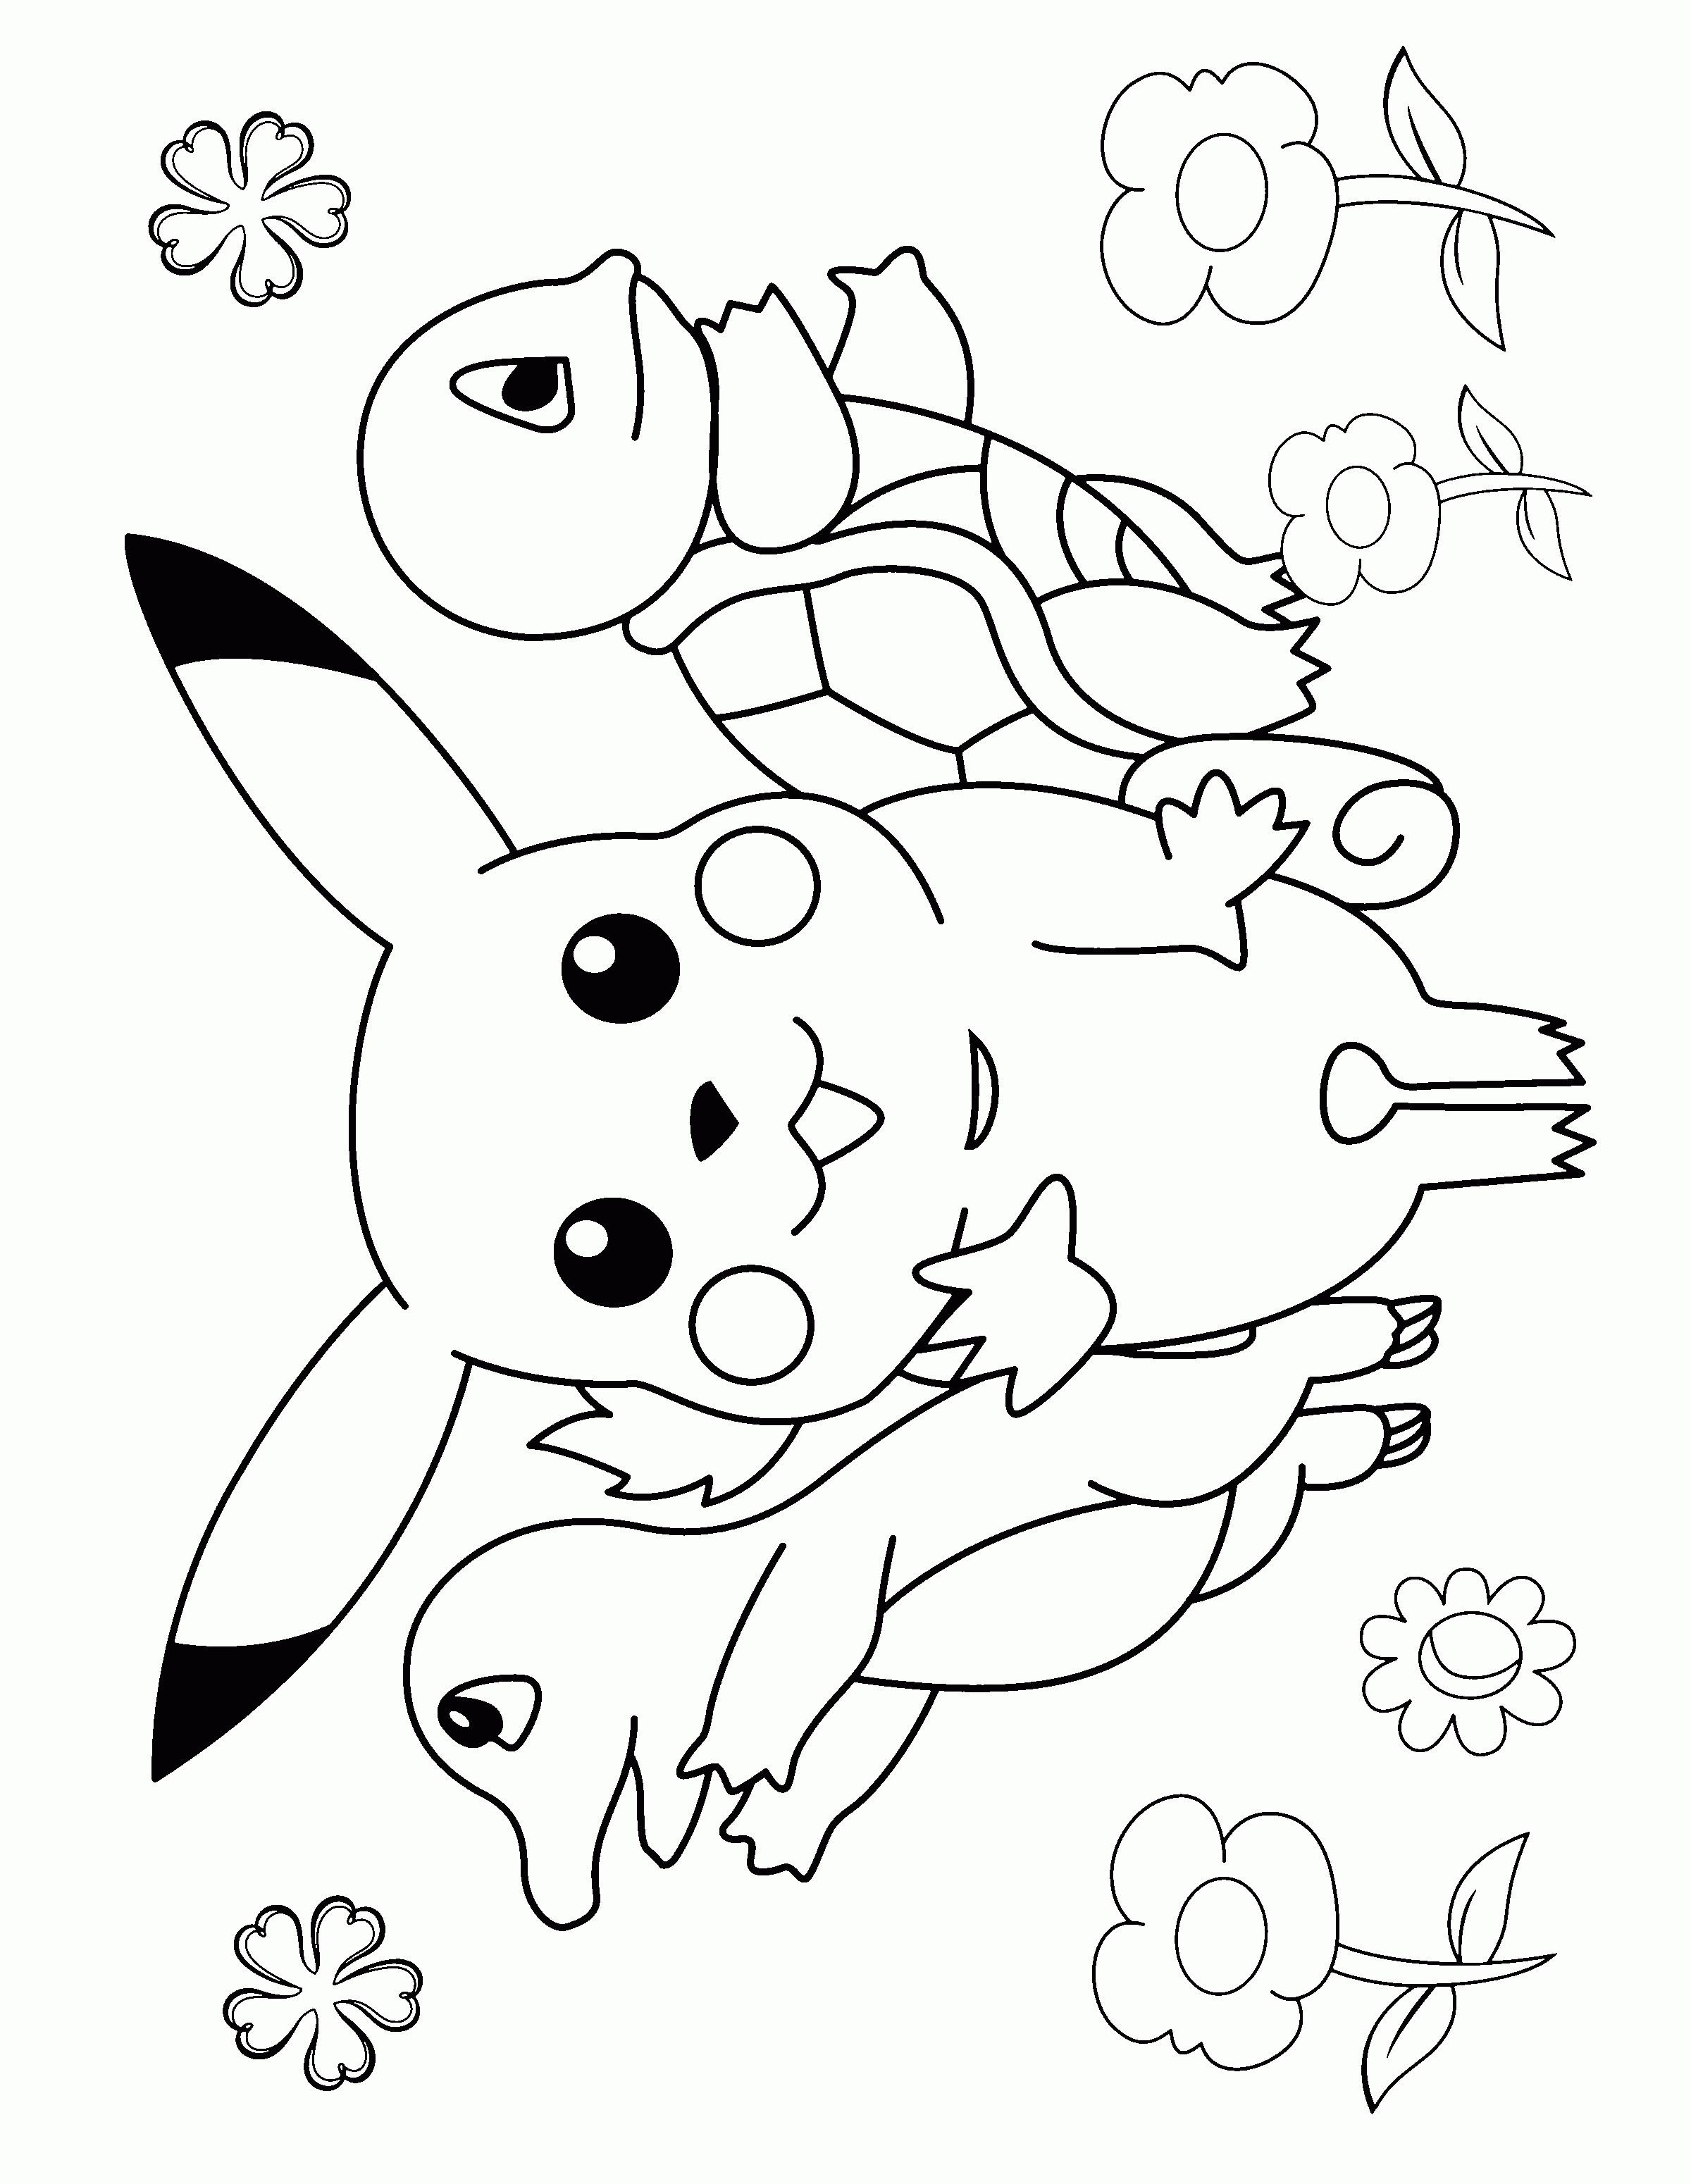 55 frisch ausmalbilder pokemon turtok bilder  kinder bilder